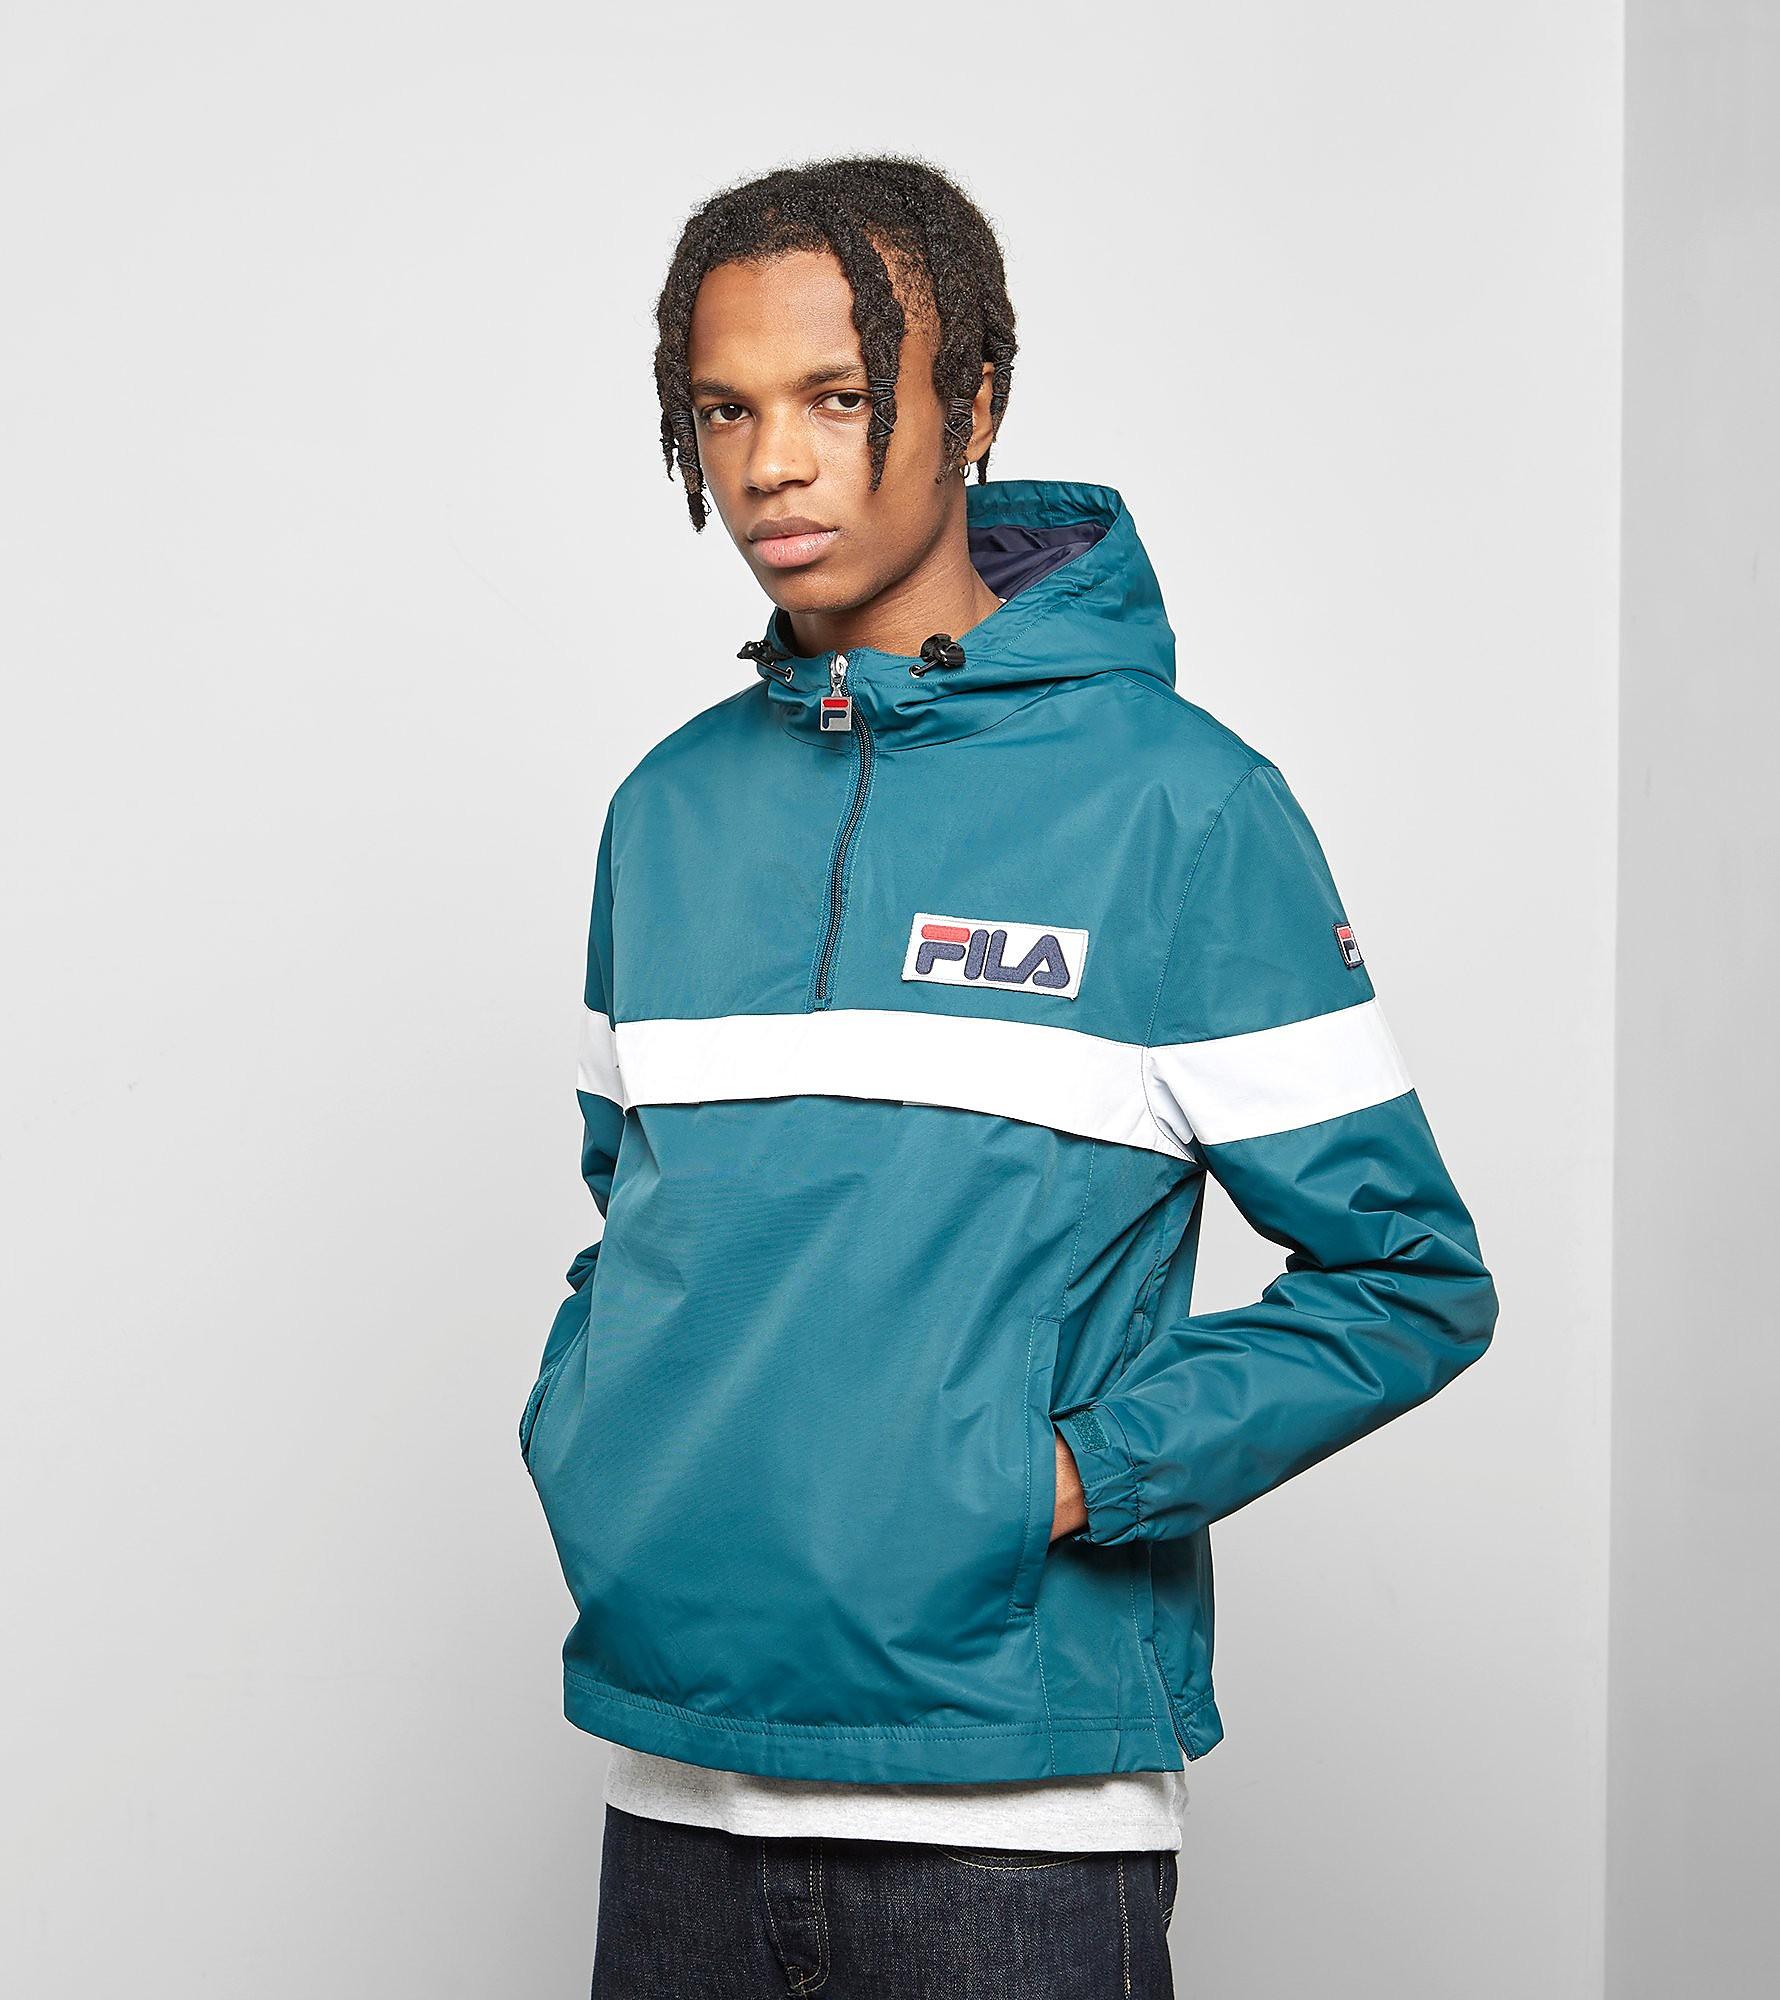 Fila Viloa Jacket - size? Exclusive